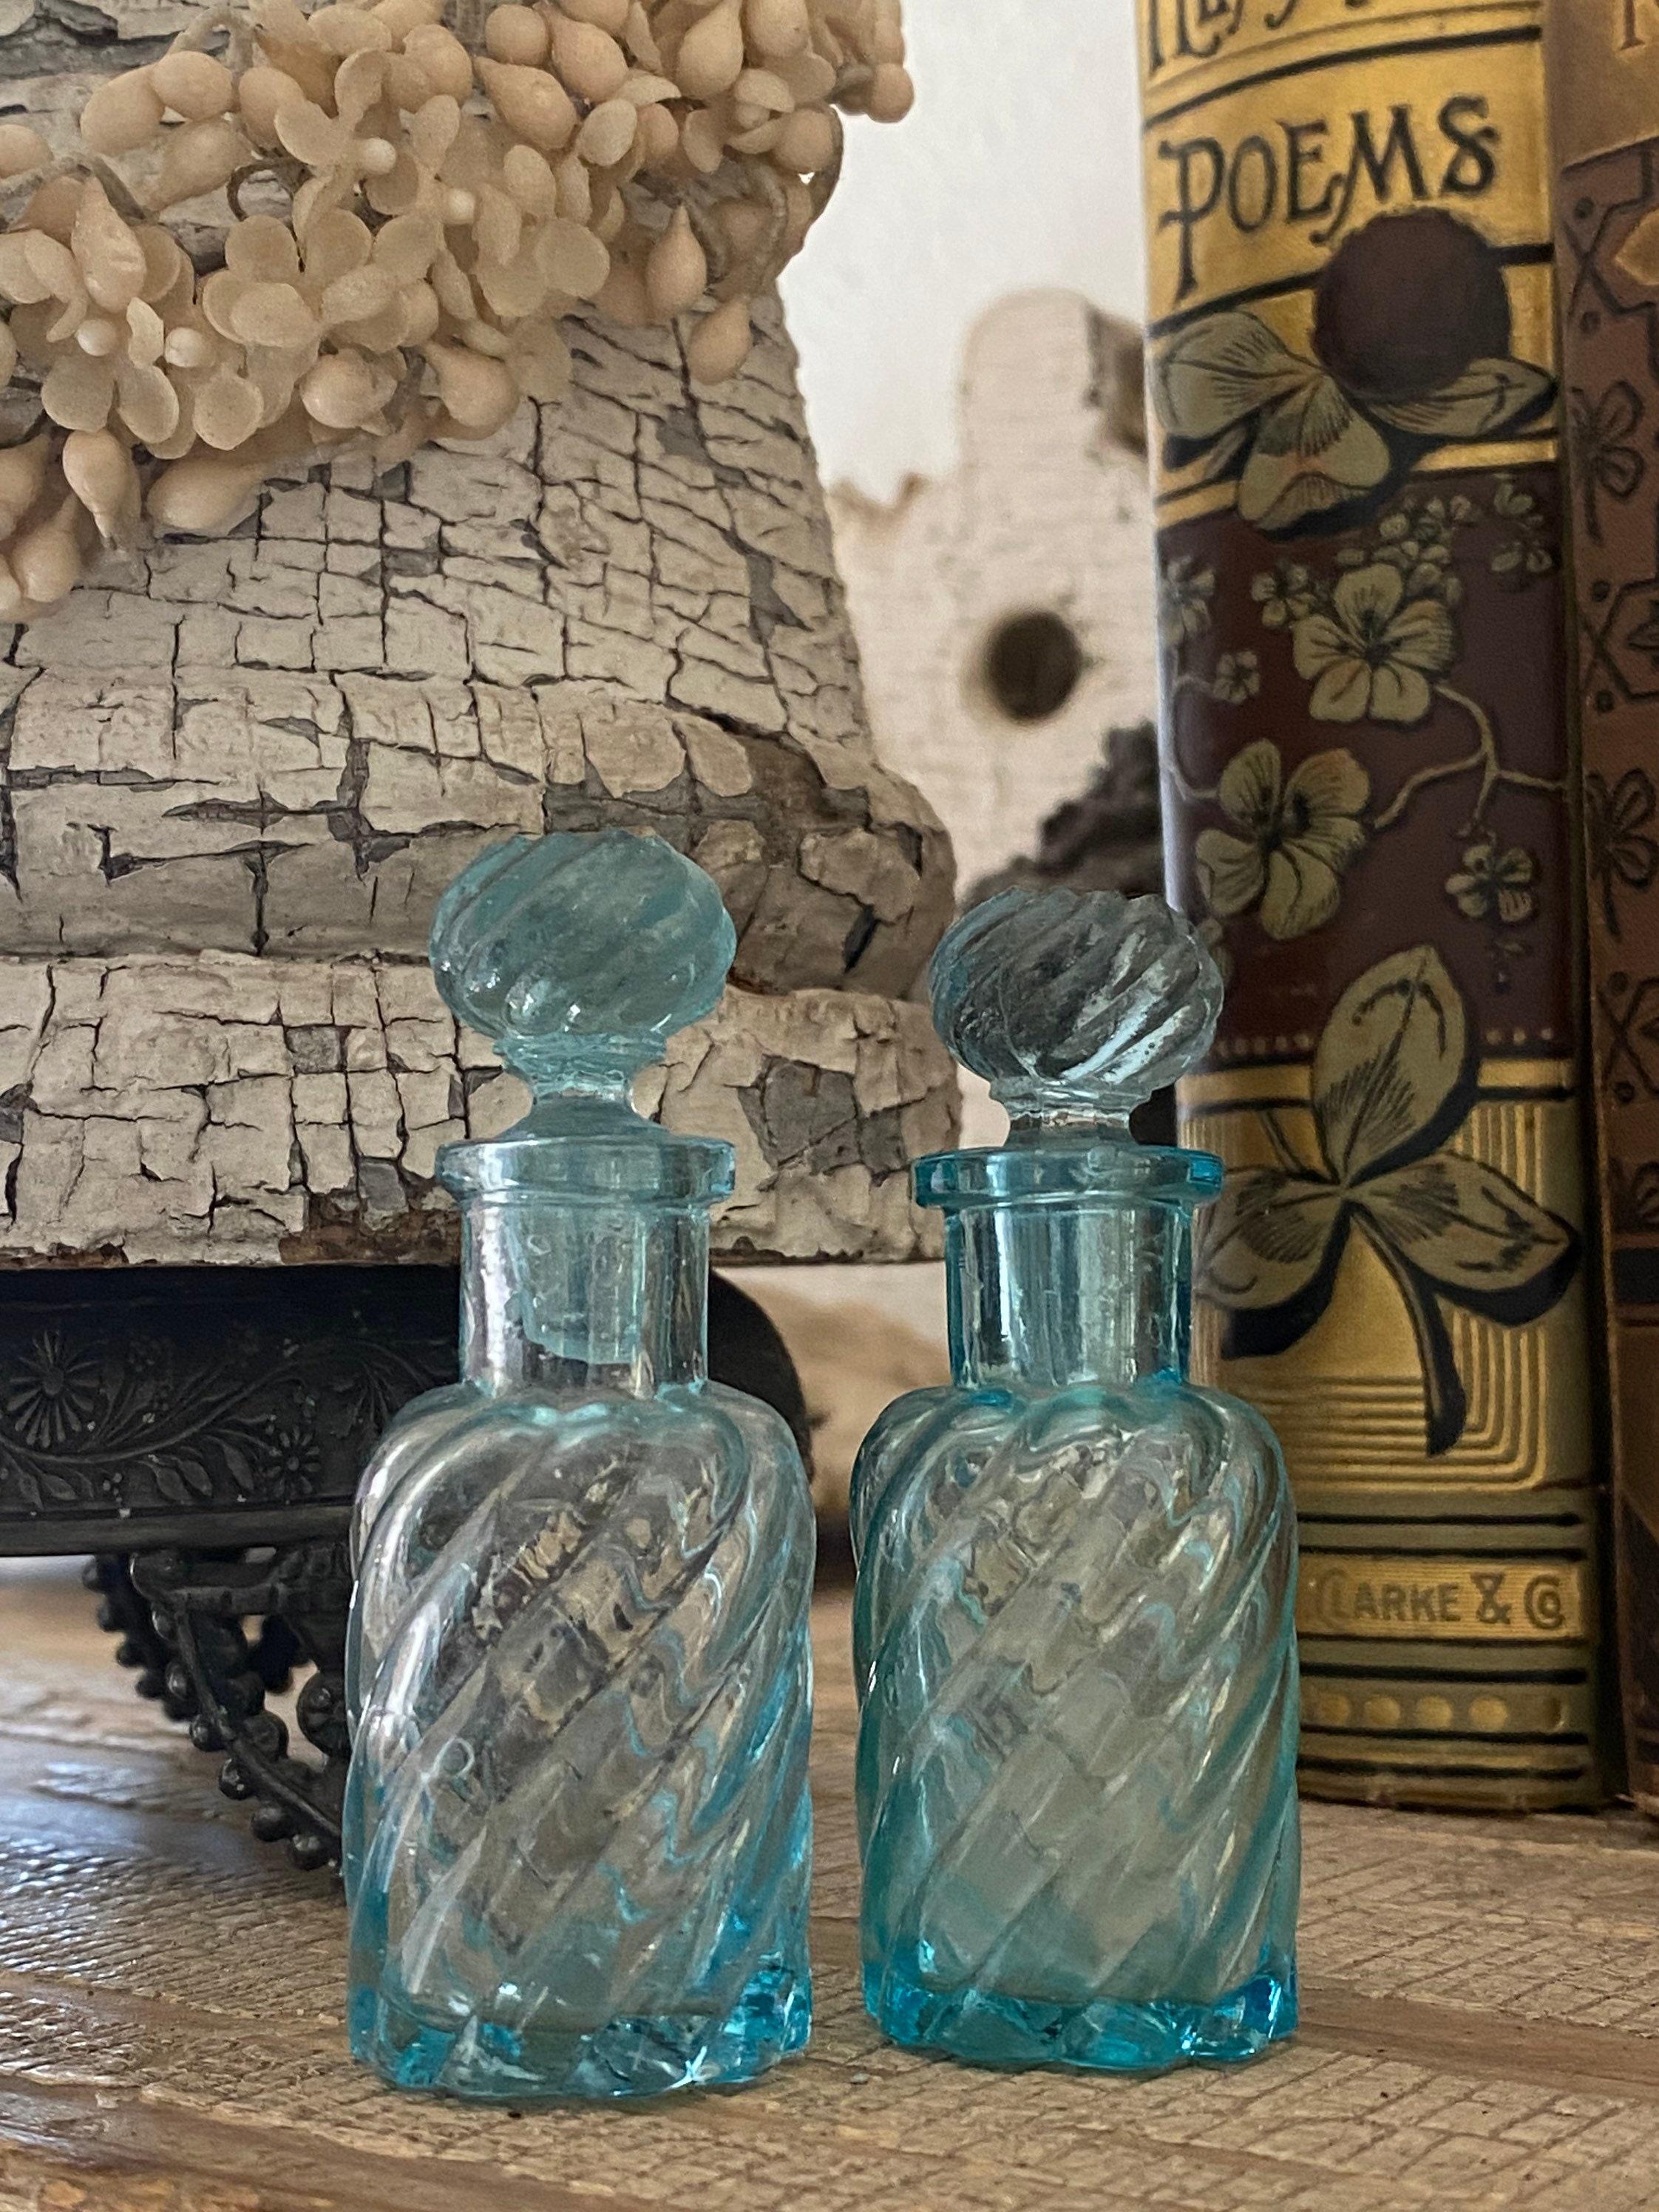 Petites bouteilles de parfum français